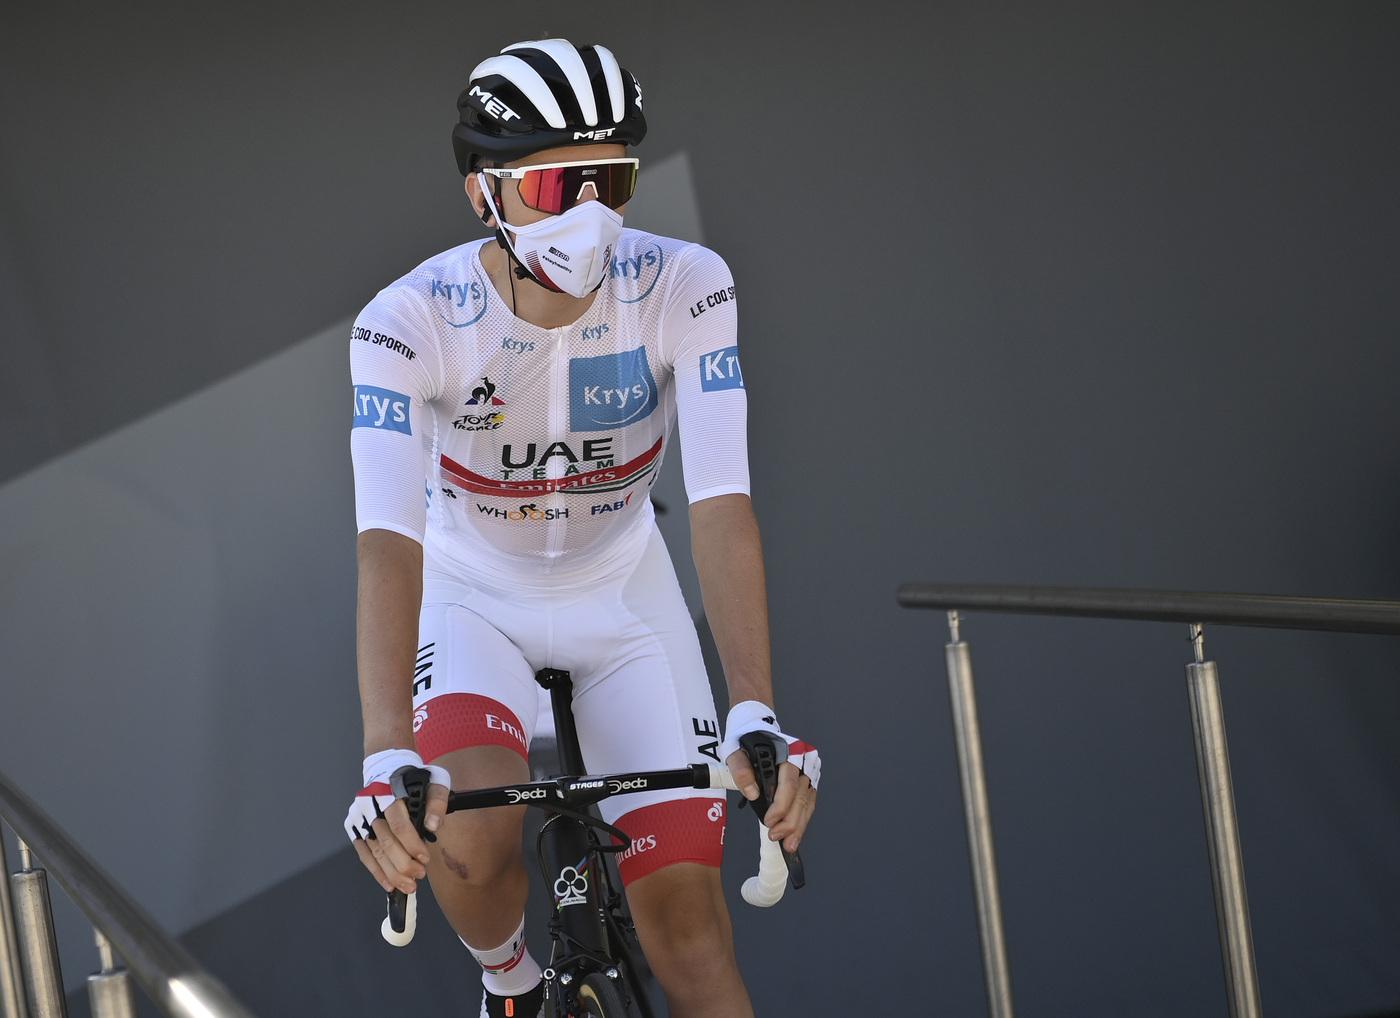 ciclismo-uae-tour-2021-analisi-percorso-favoriti-quote-pronostici